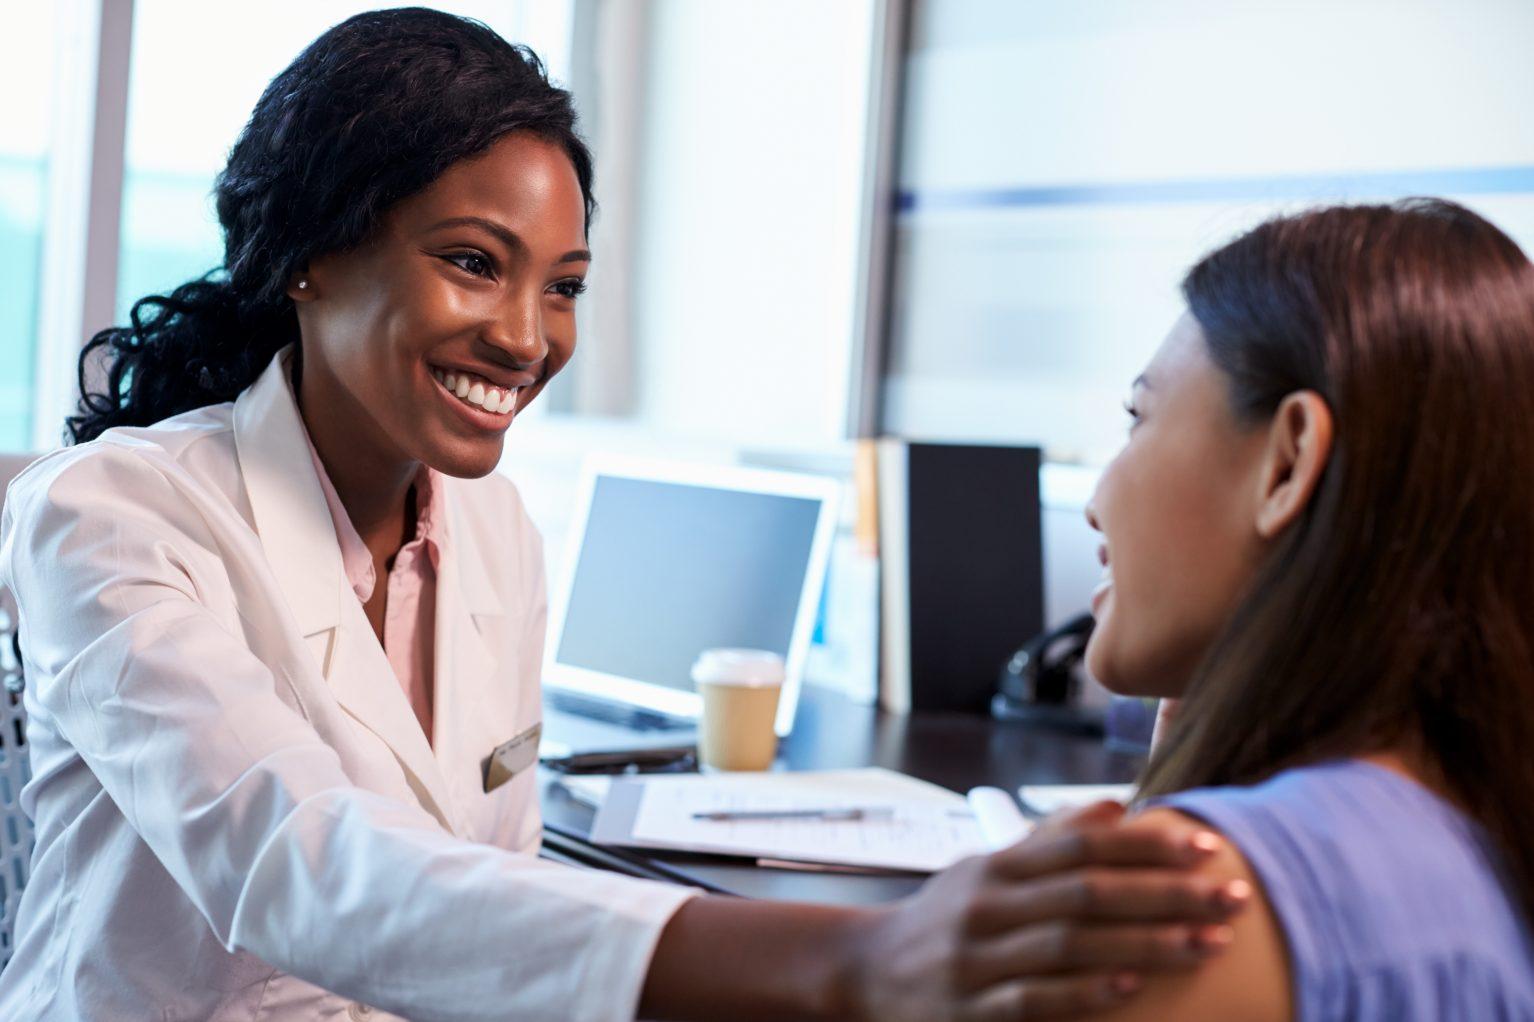 helathy-patient-doctor-relationship-psychonephrology